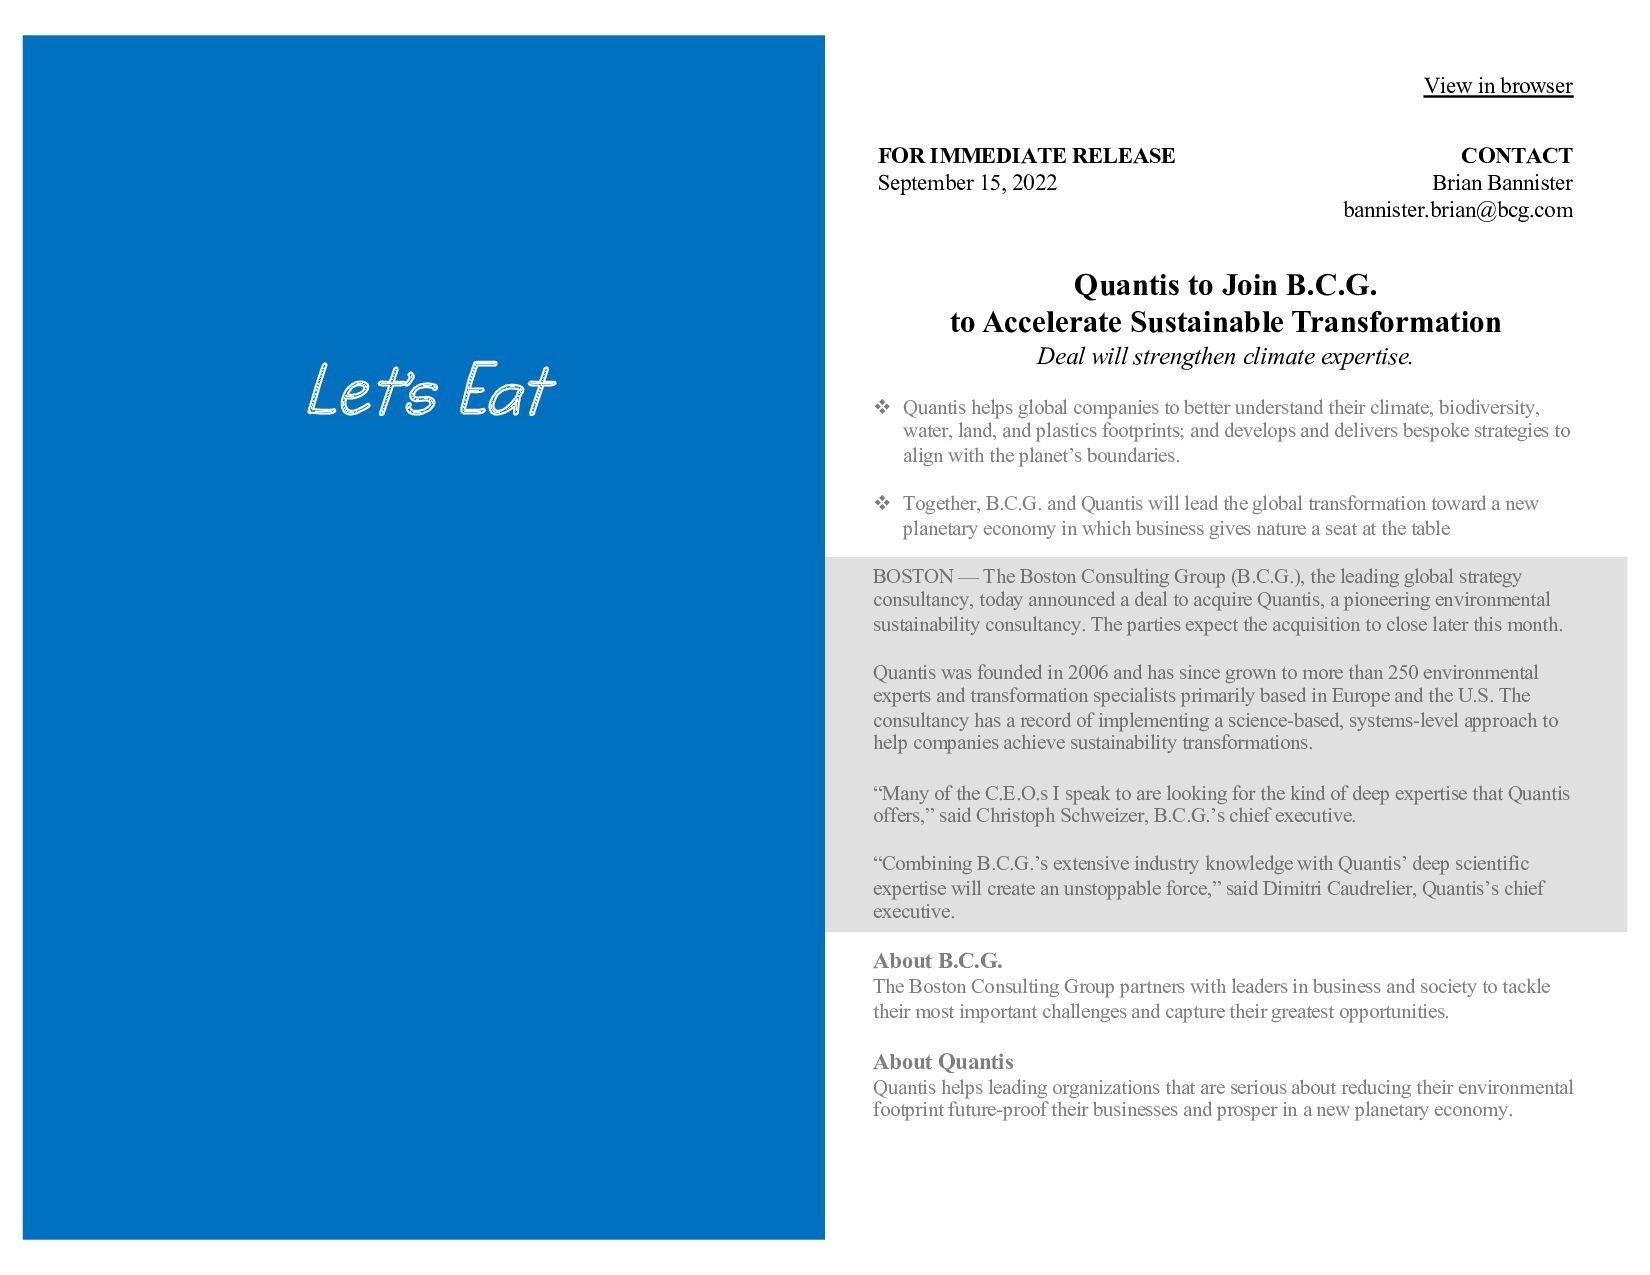 press release vs. news release 01